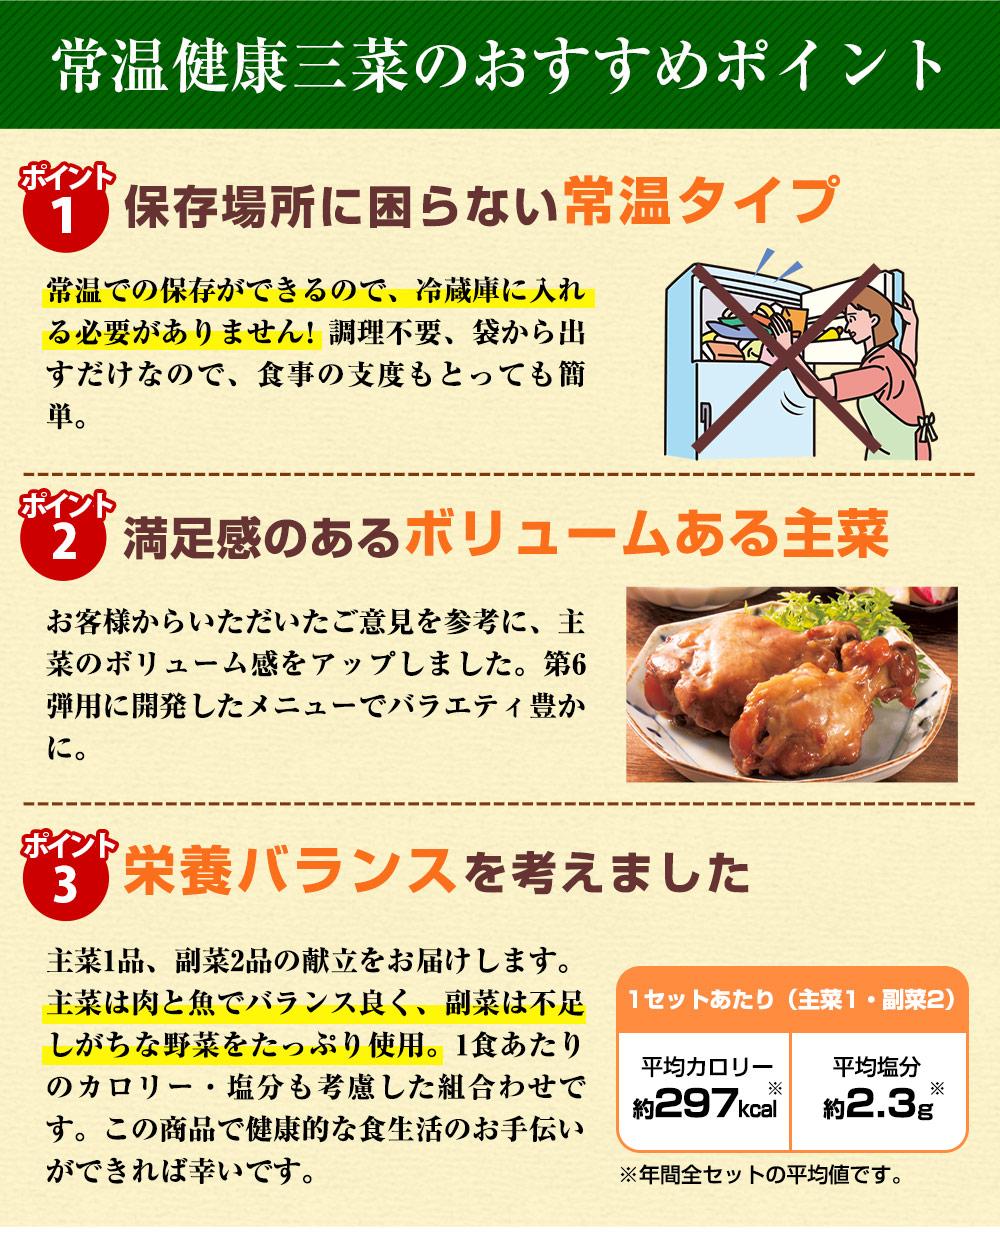 常温健康三菜のおすすめポイント